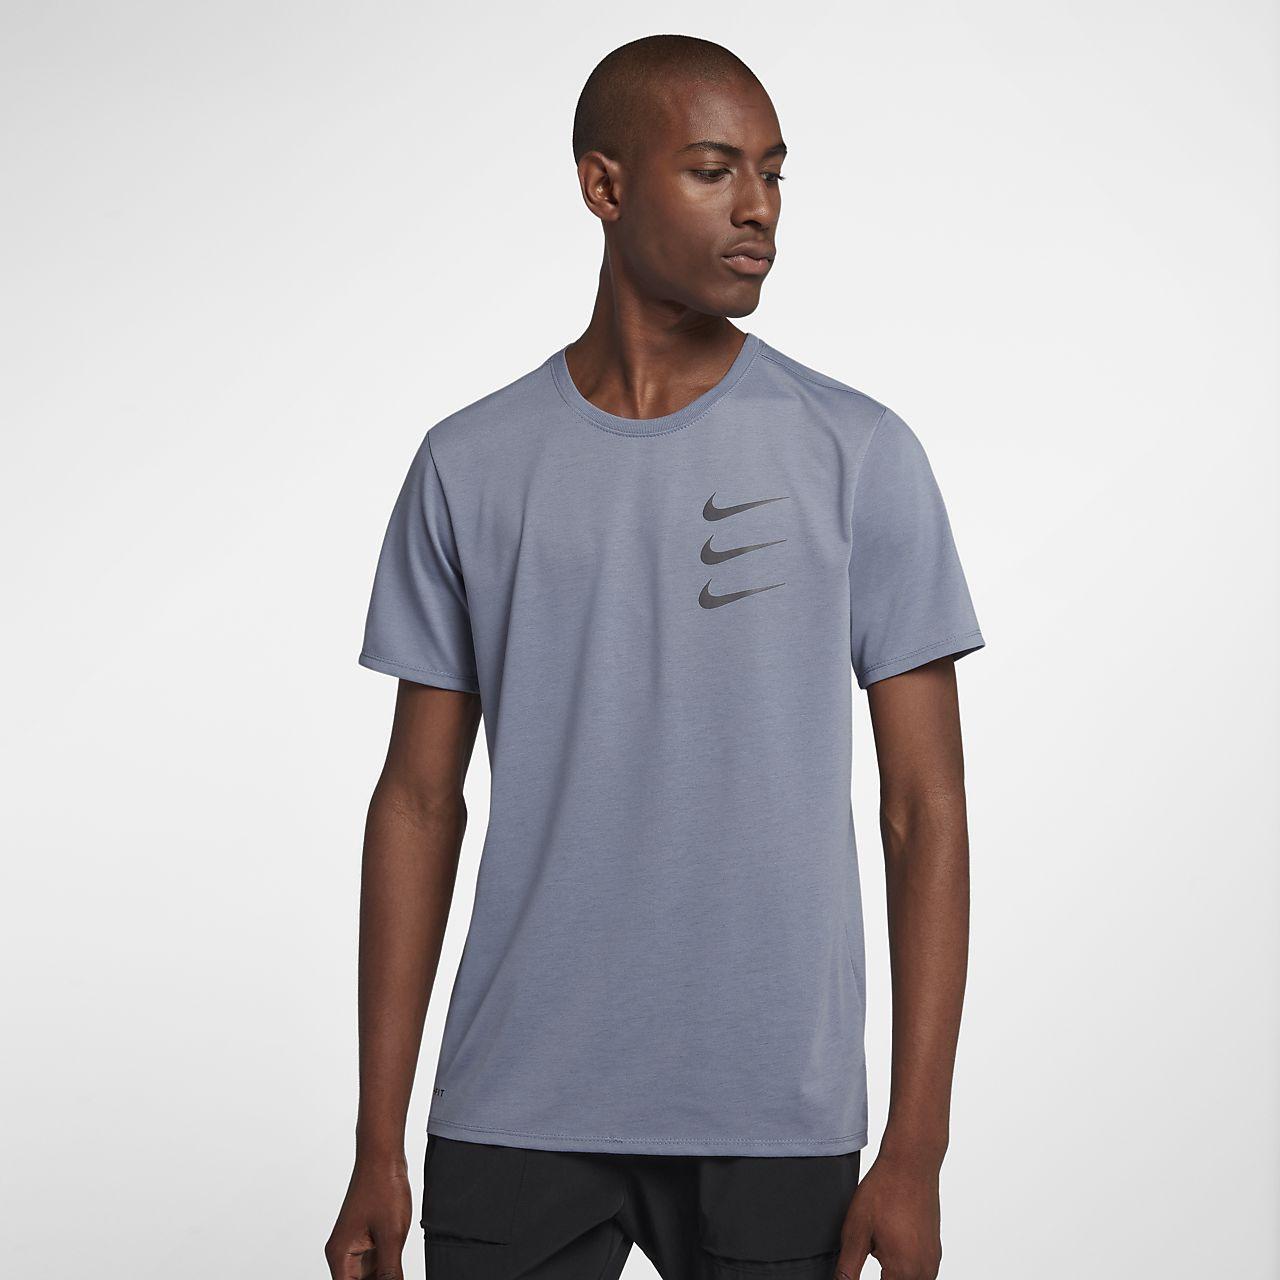 8c5b8c50e6e0fe Nike Dri-FIT Run Division Men s Running T-Shirt. Nike.com AU